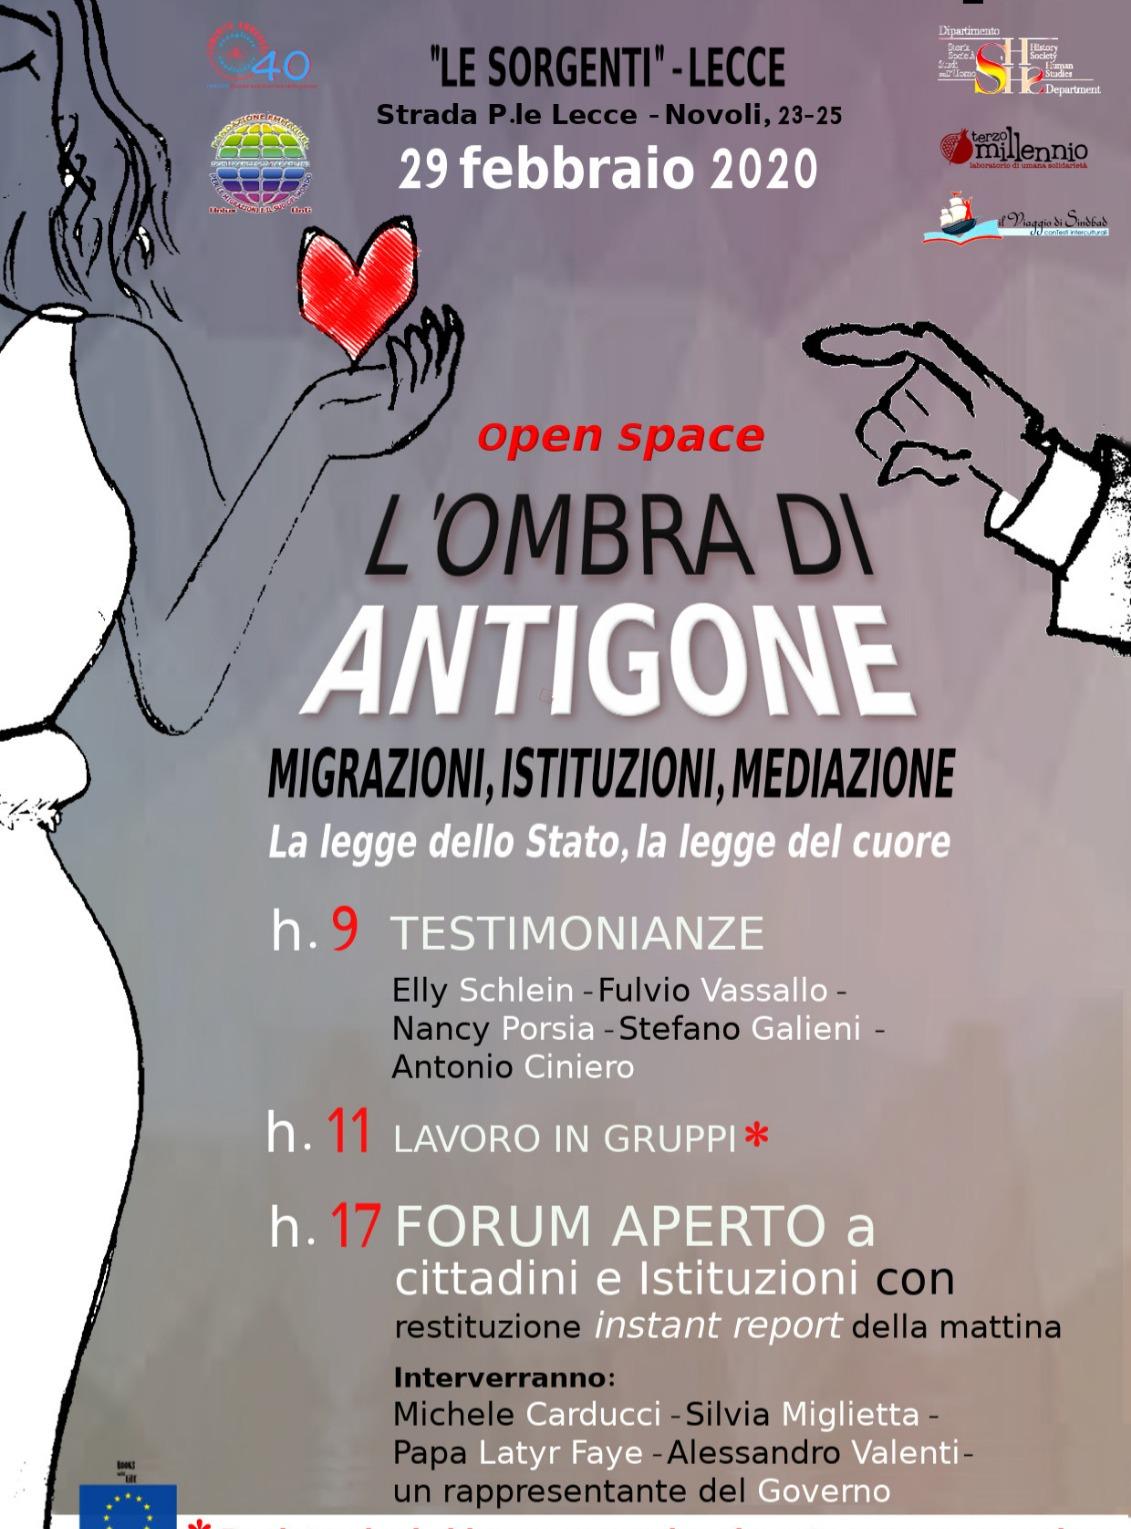 L'Ombra di Antigone